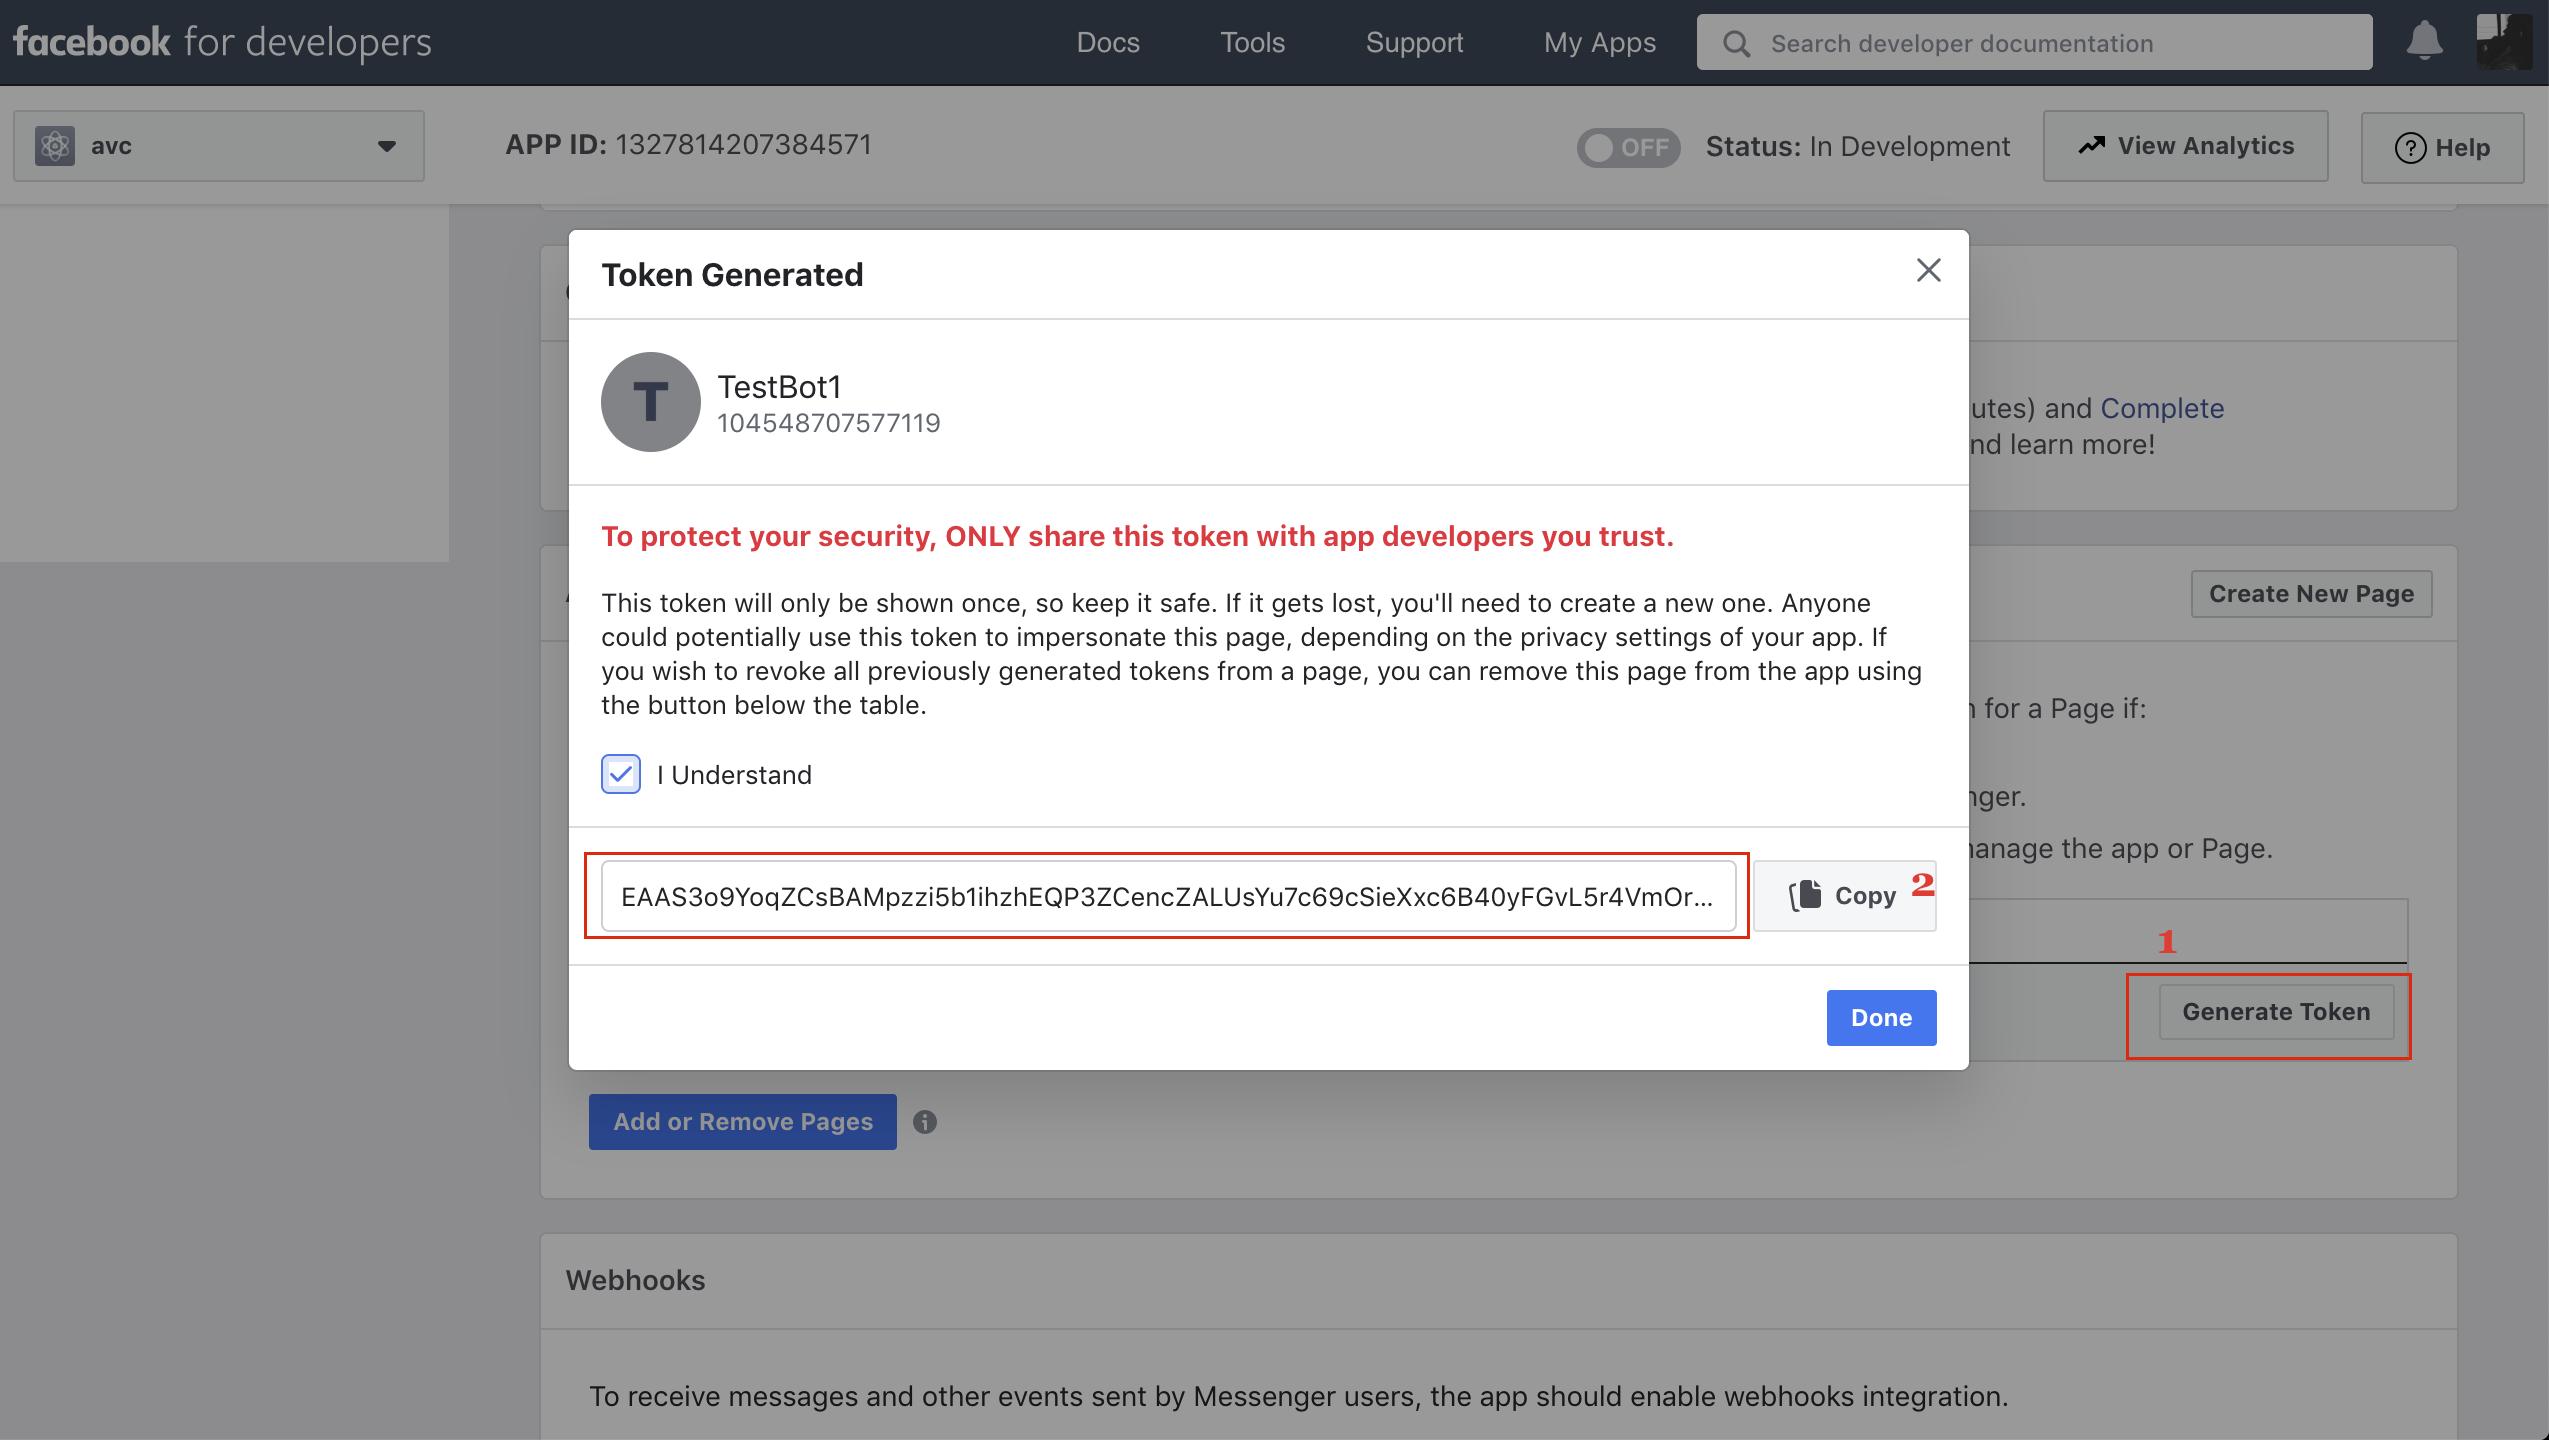 access_token